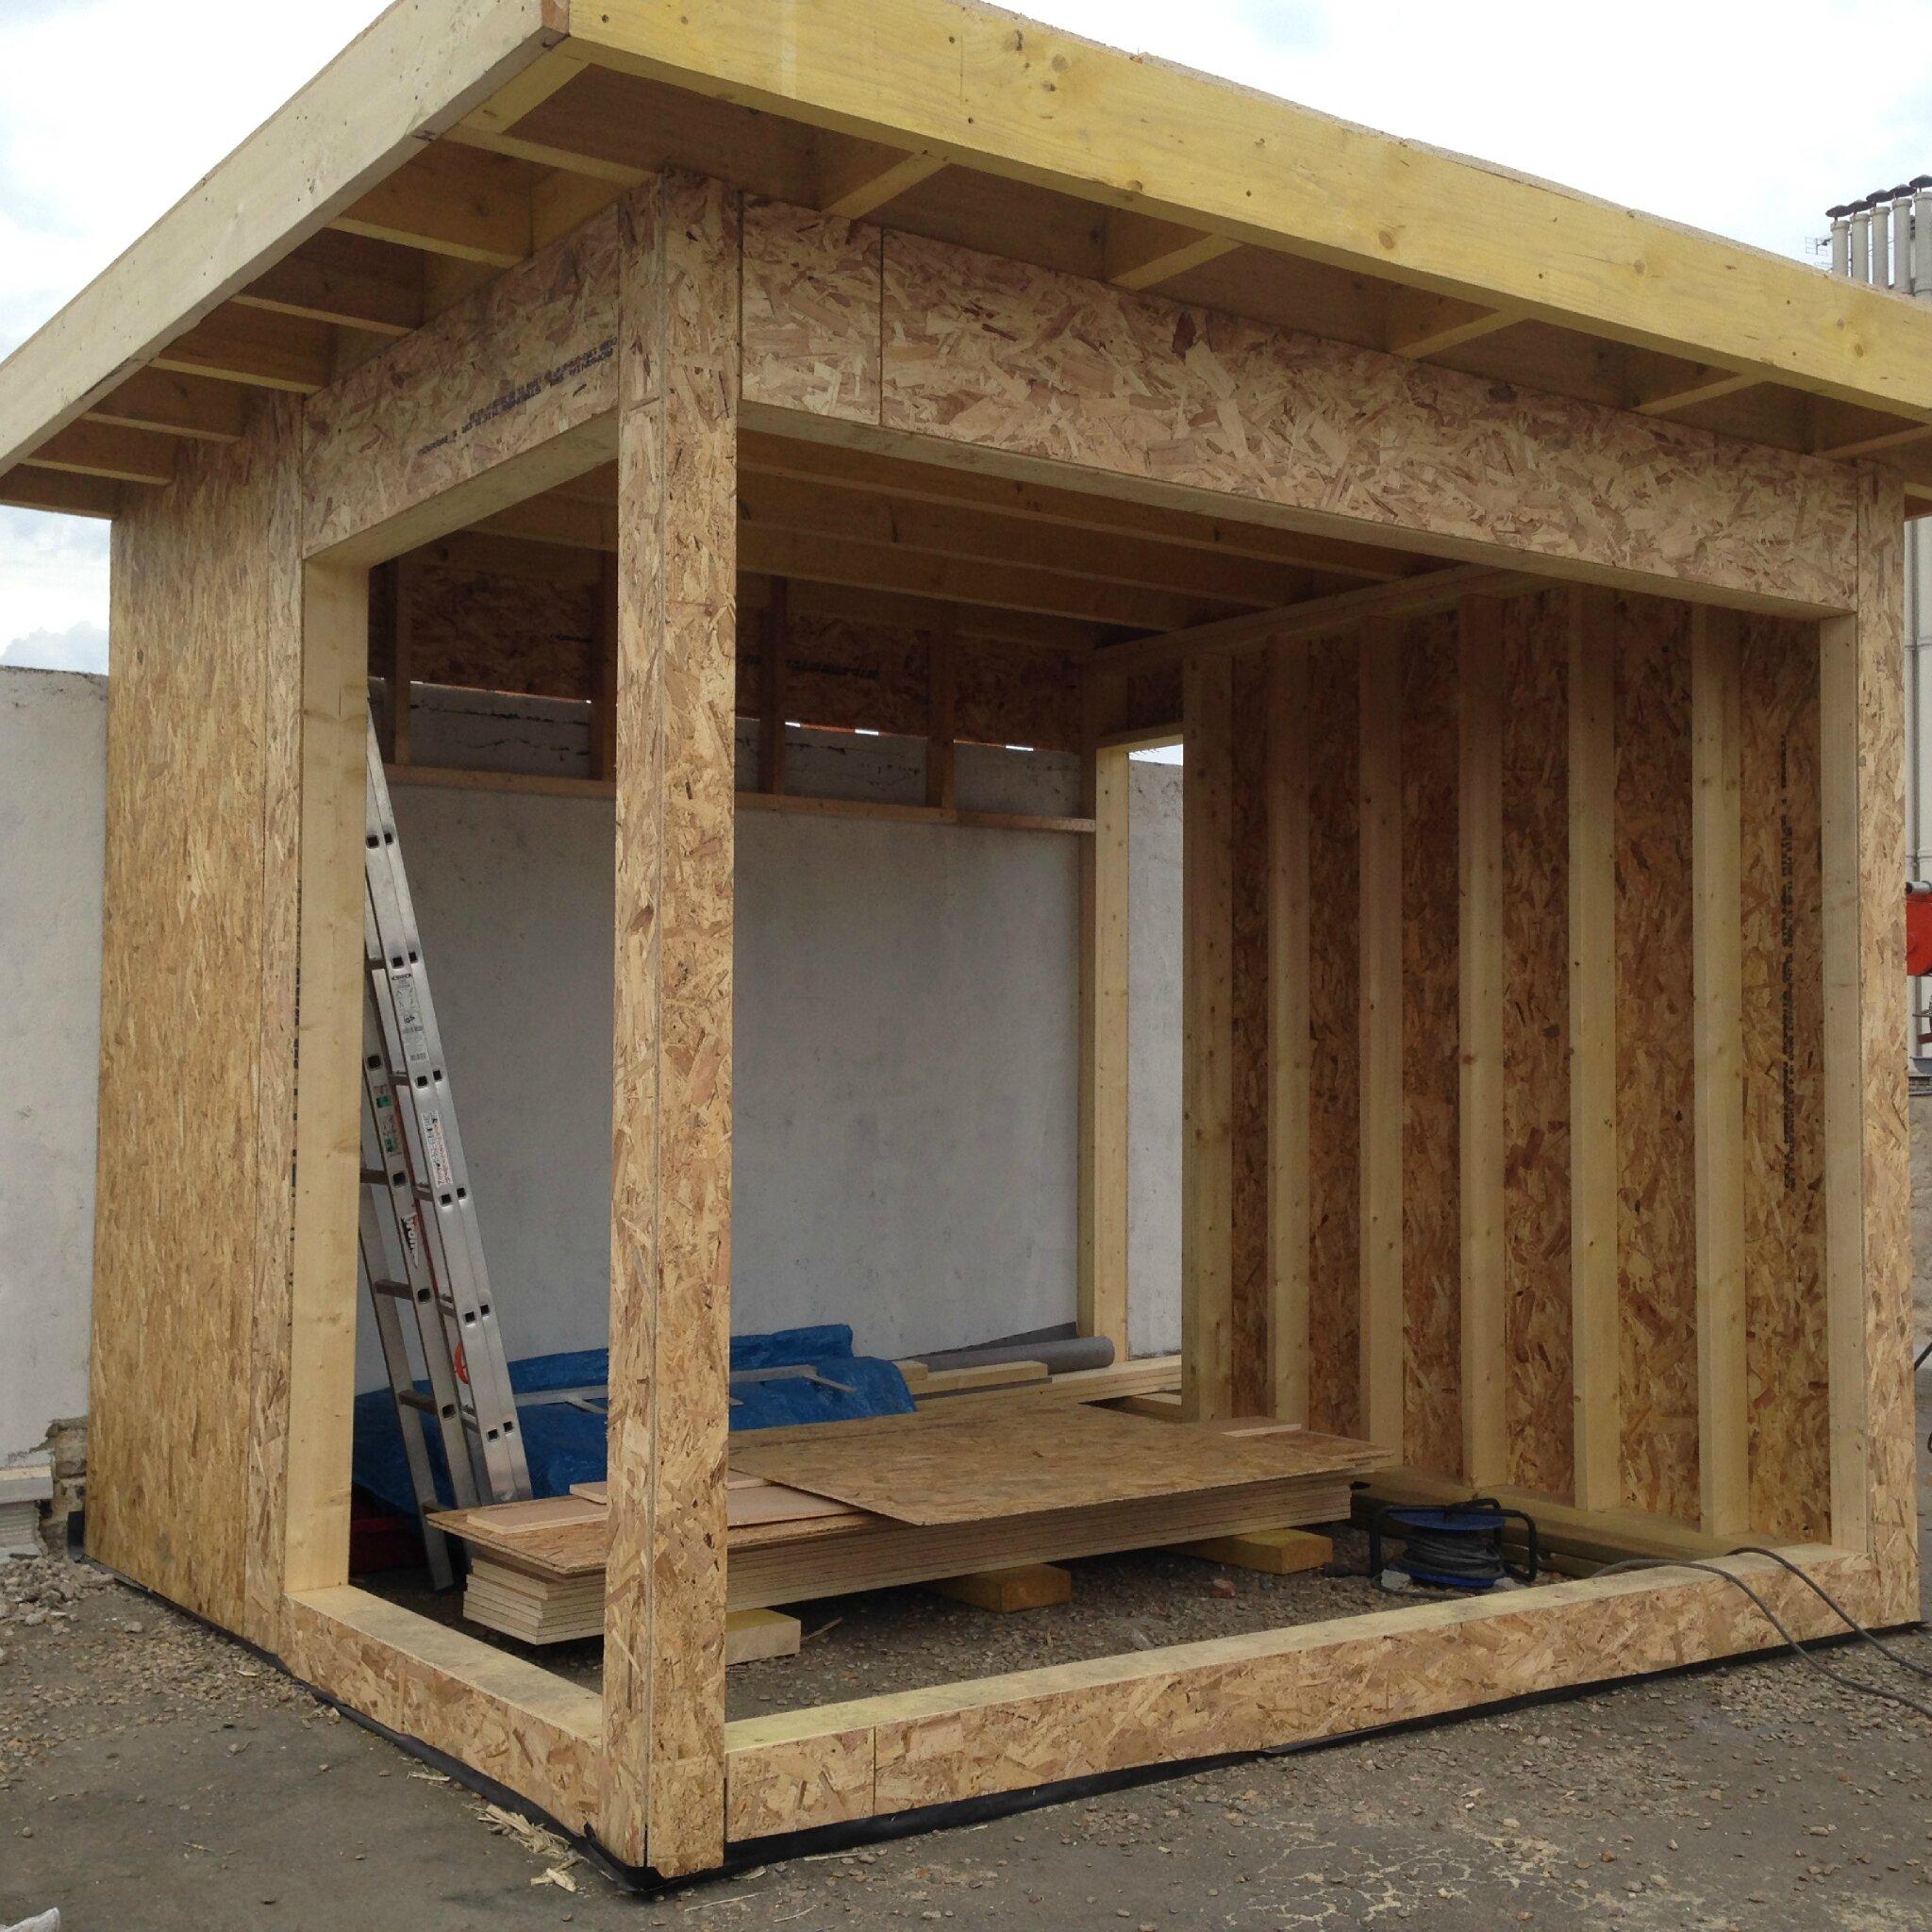 Bois une petite structure tr s sp cialis e pour des projets d 39 extensi - Cout d une extension de 40m2 ...